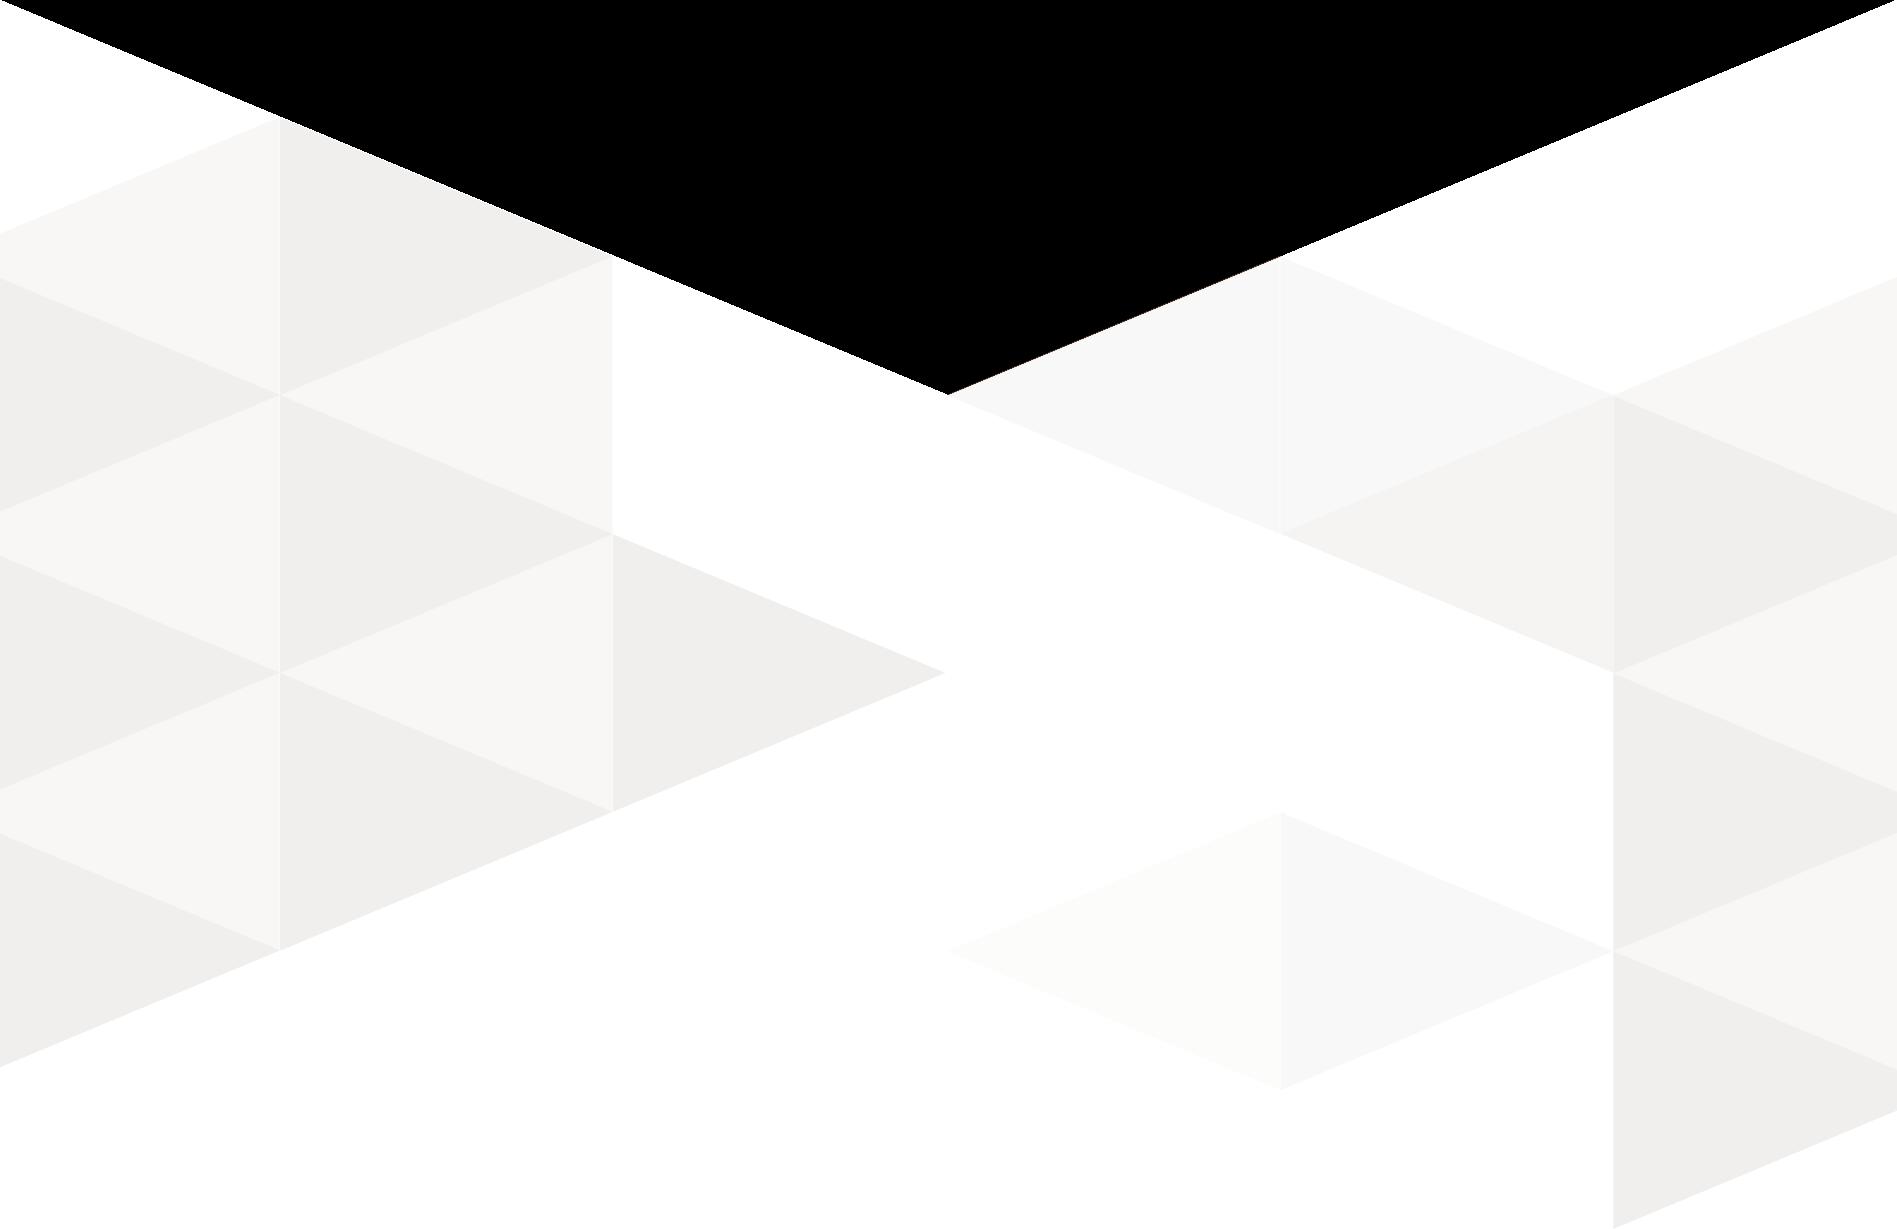 Widex hoortoestellen koopt u bij De HoorButler audiciens